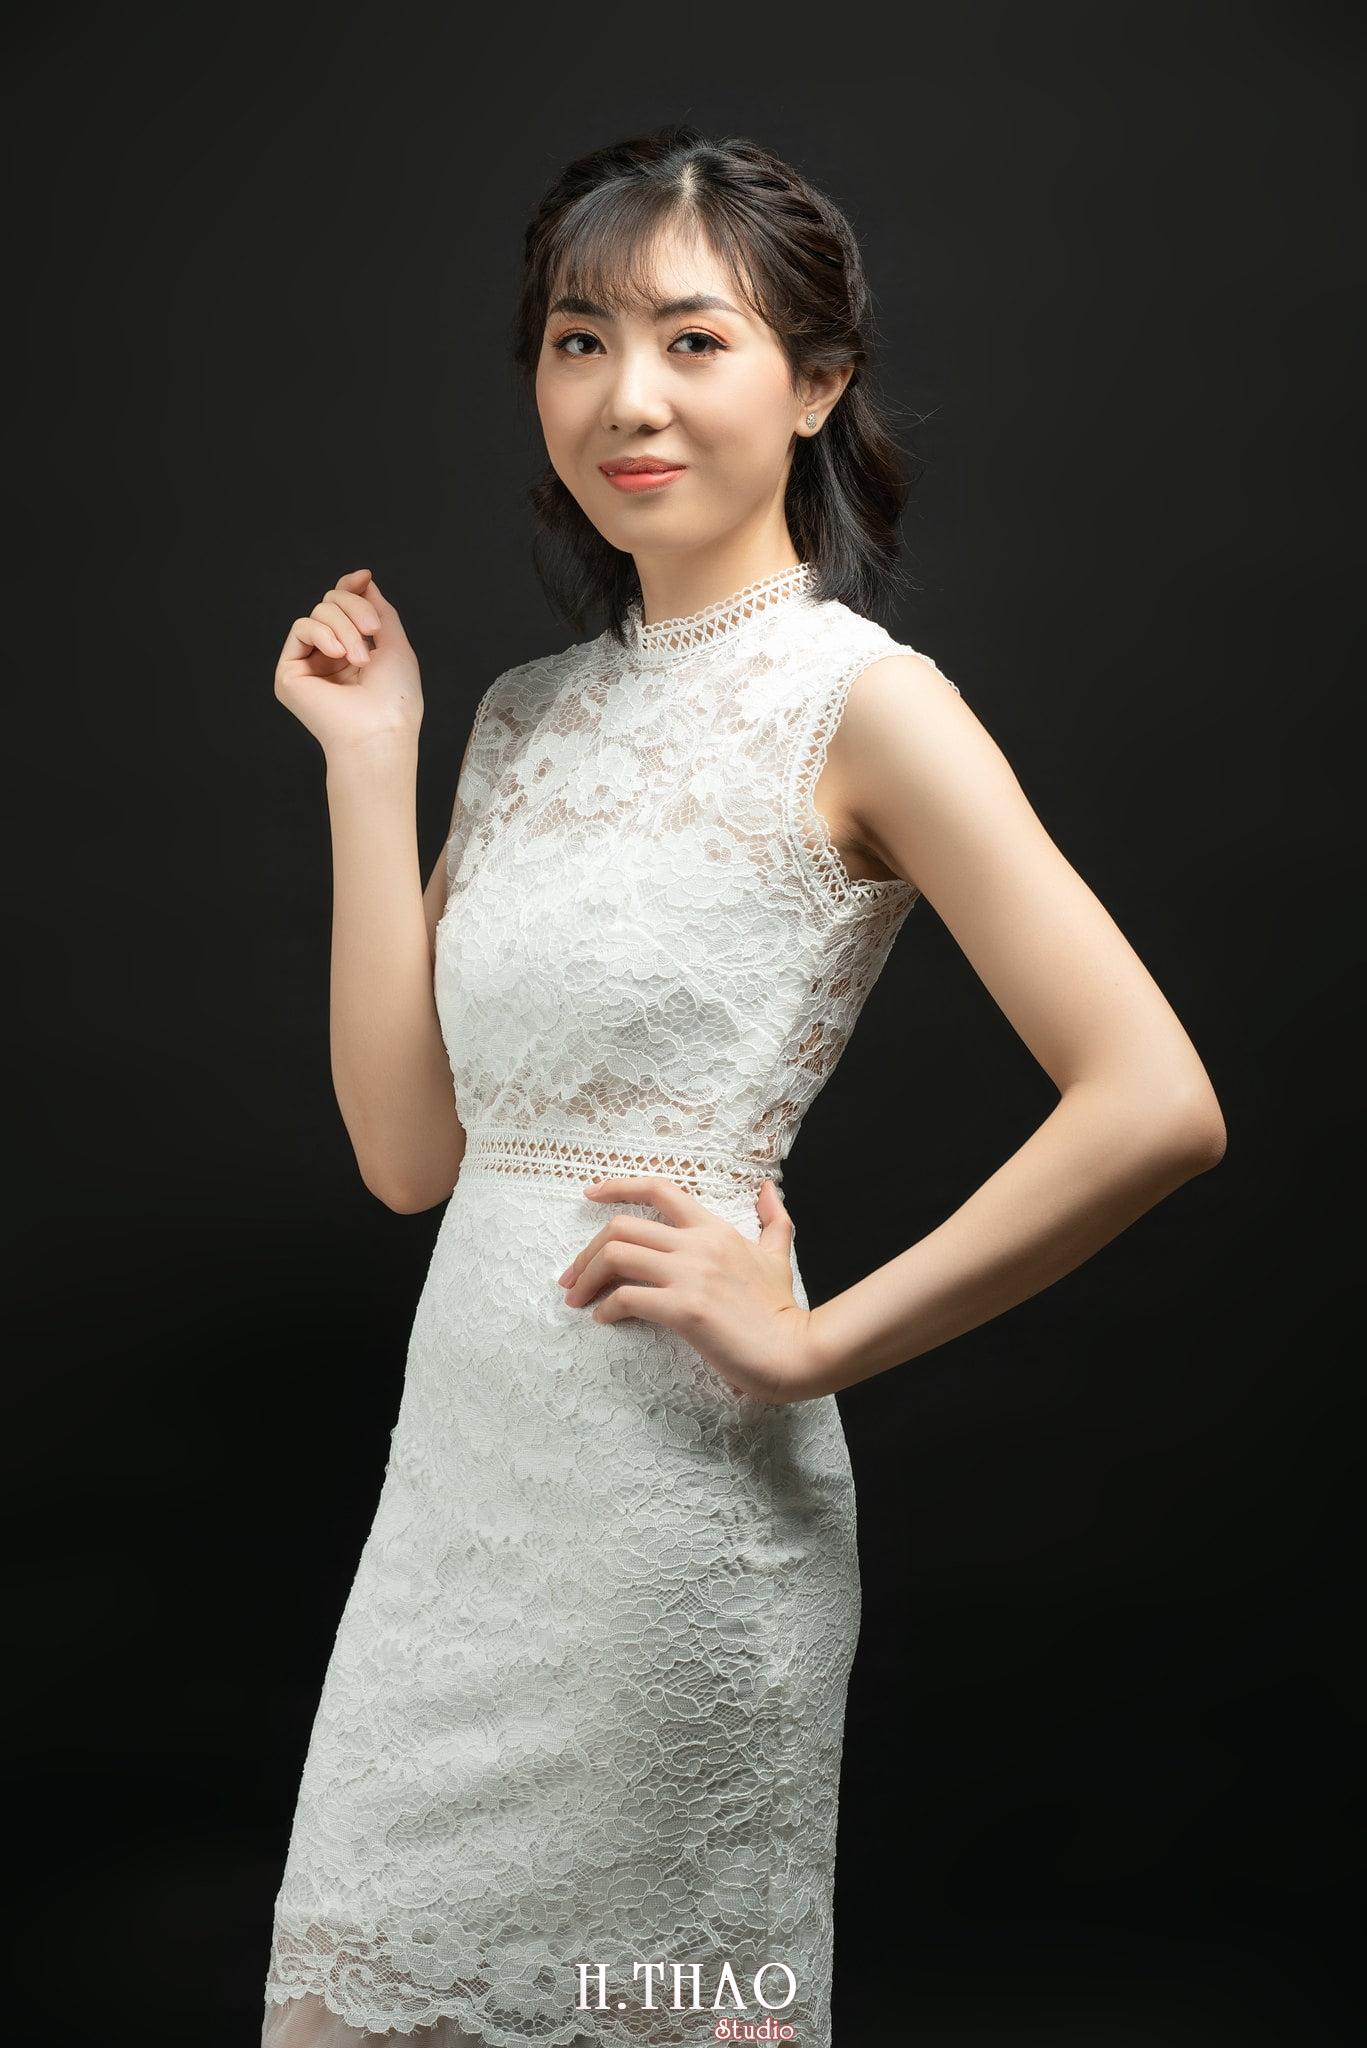 Minh Thuy 2 - Album ảnh profile cá nhân nữ Minh Thùy - HThao Studio